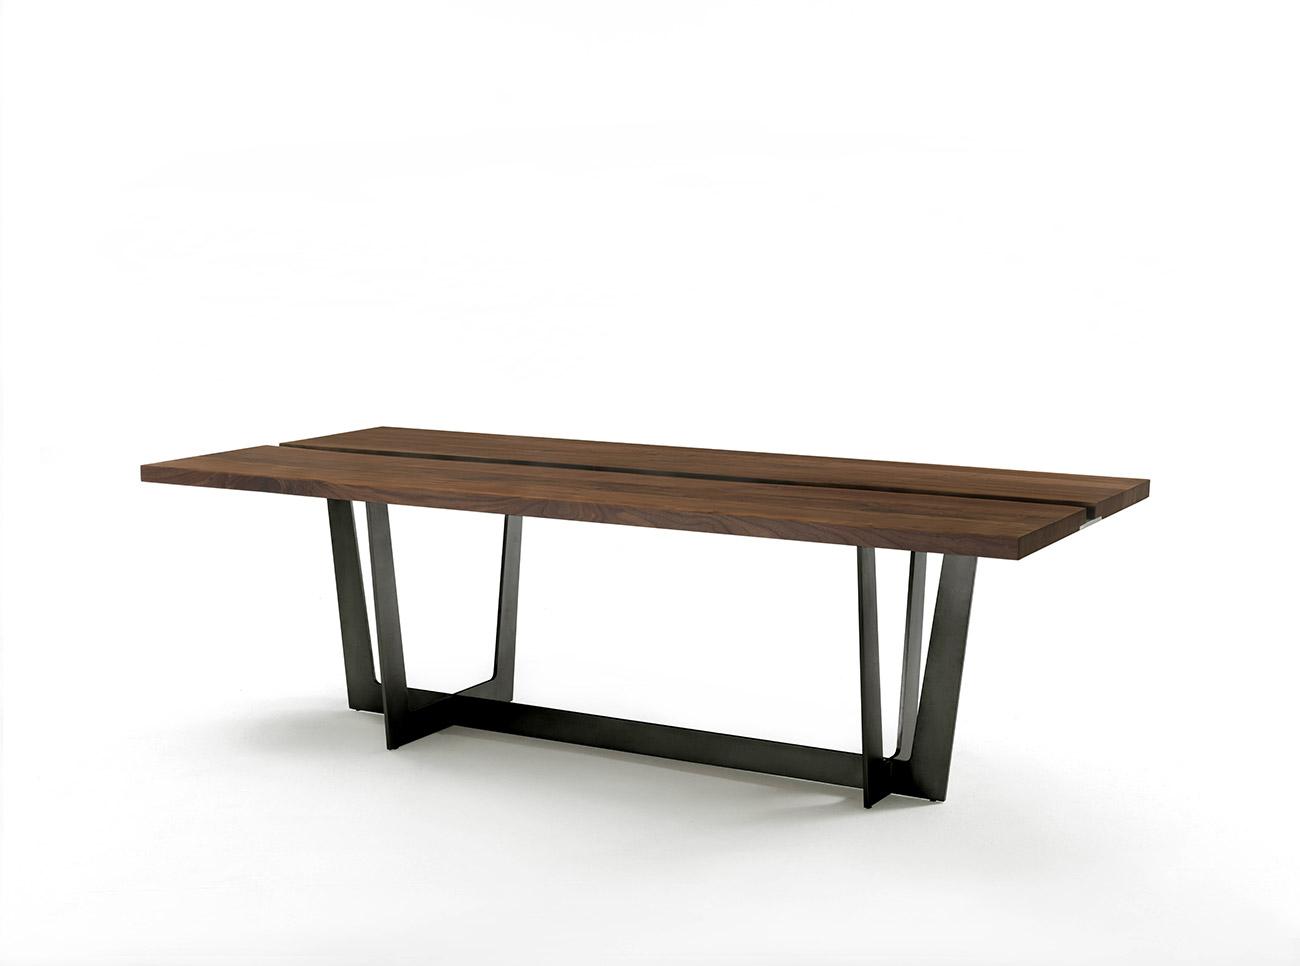 Tables d 39 amico design for D amico arredamenti